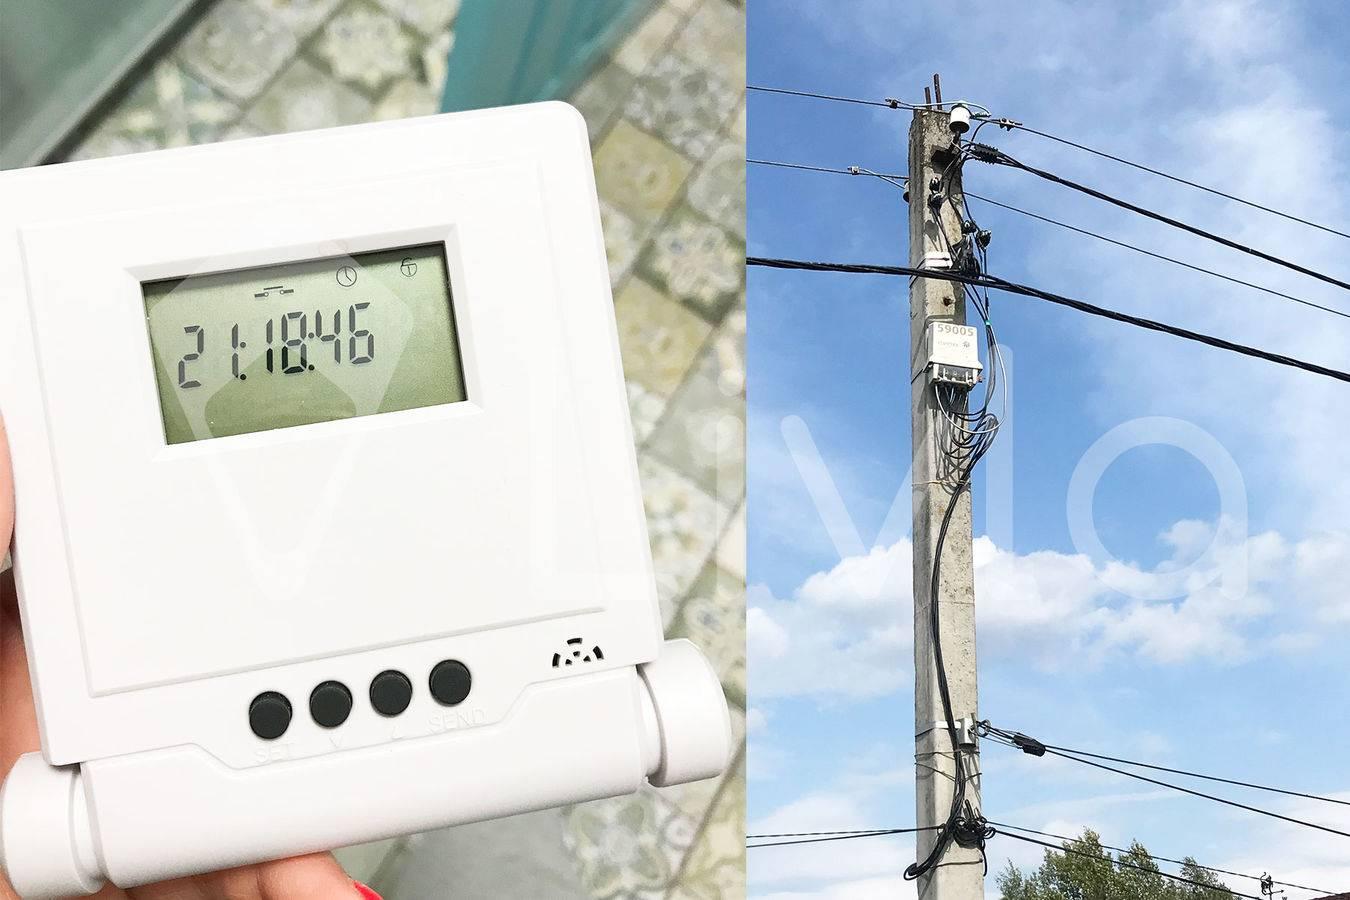 Умные счетчики электроэнергии с 1 июля 2020 года в россии: закон об обязательной установке новых смарт-счетчиков, надо ли за них платить